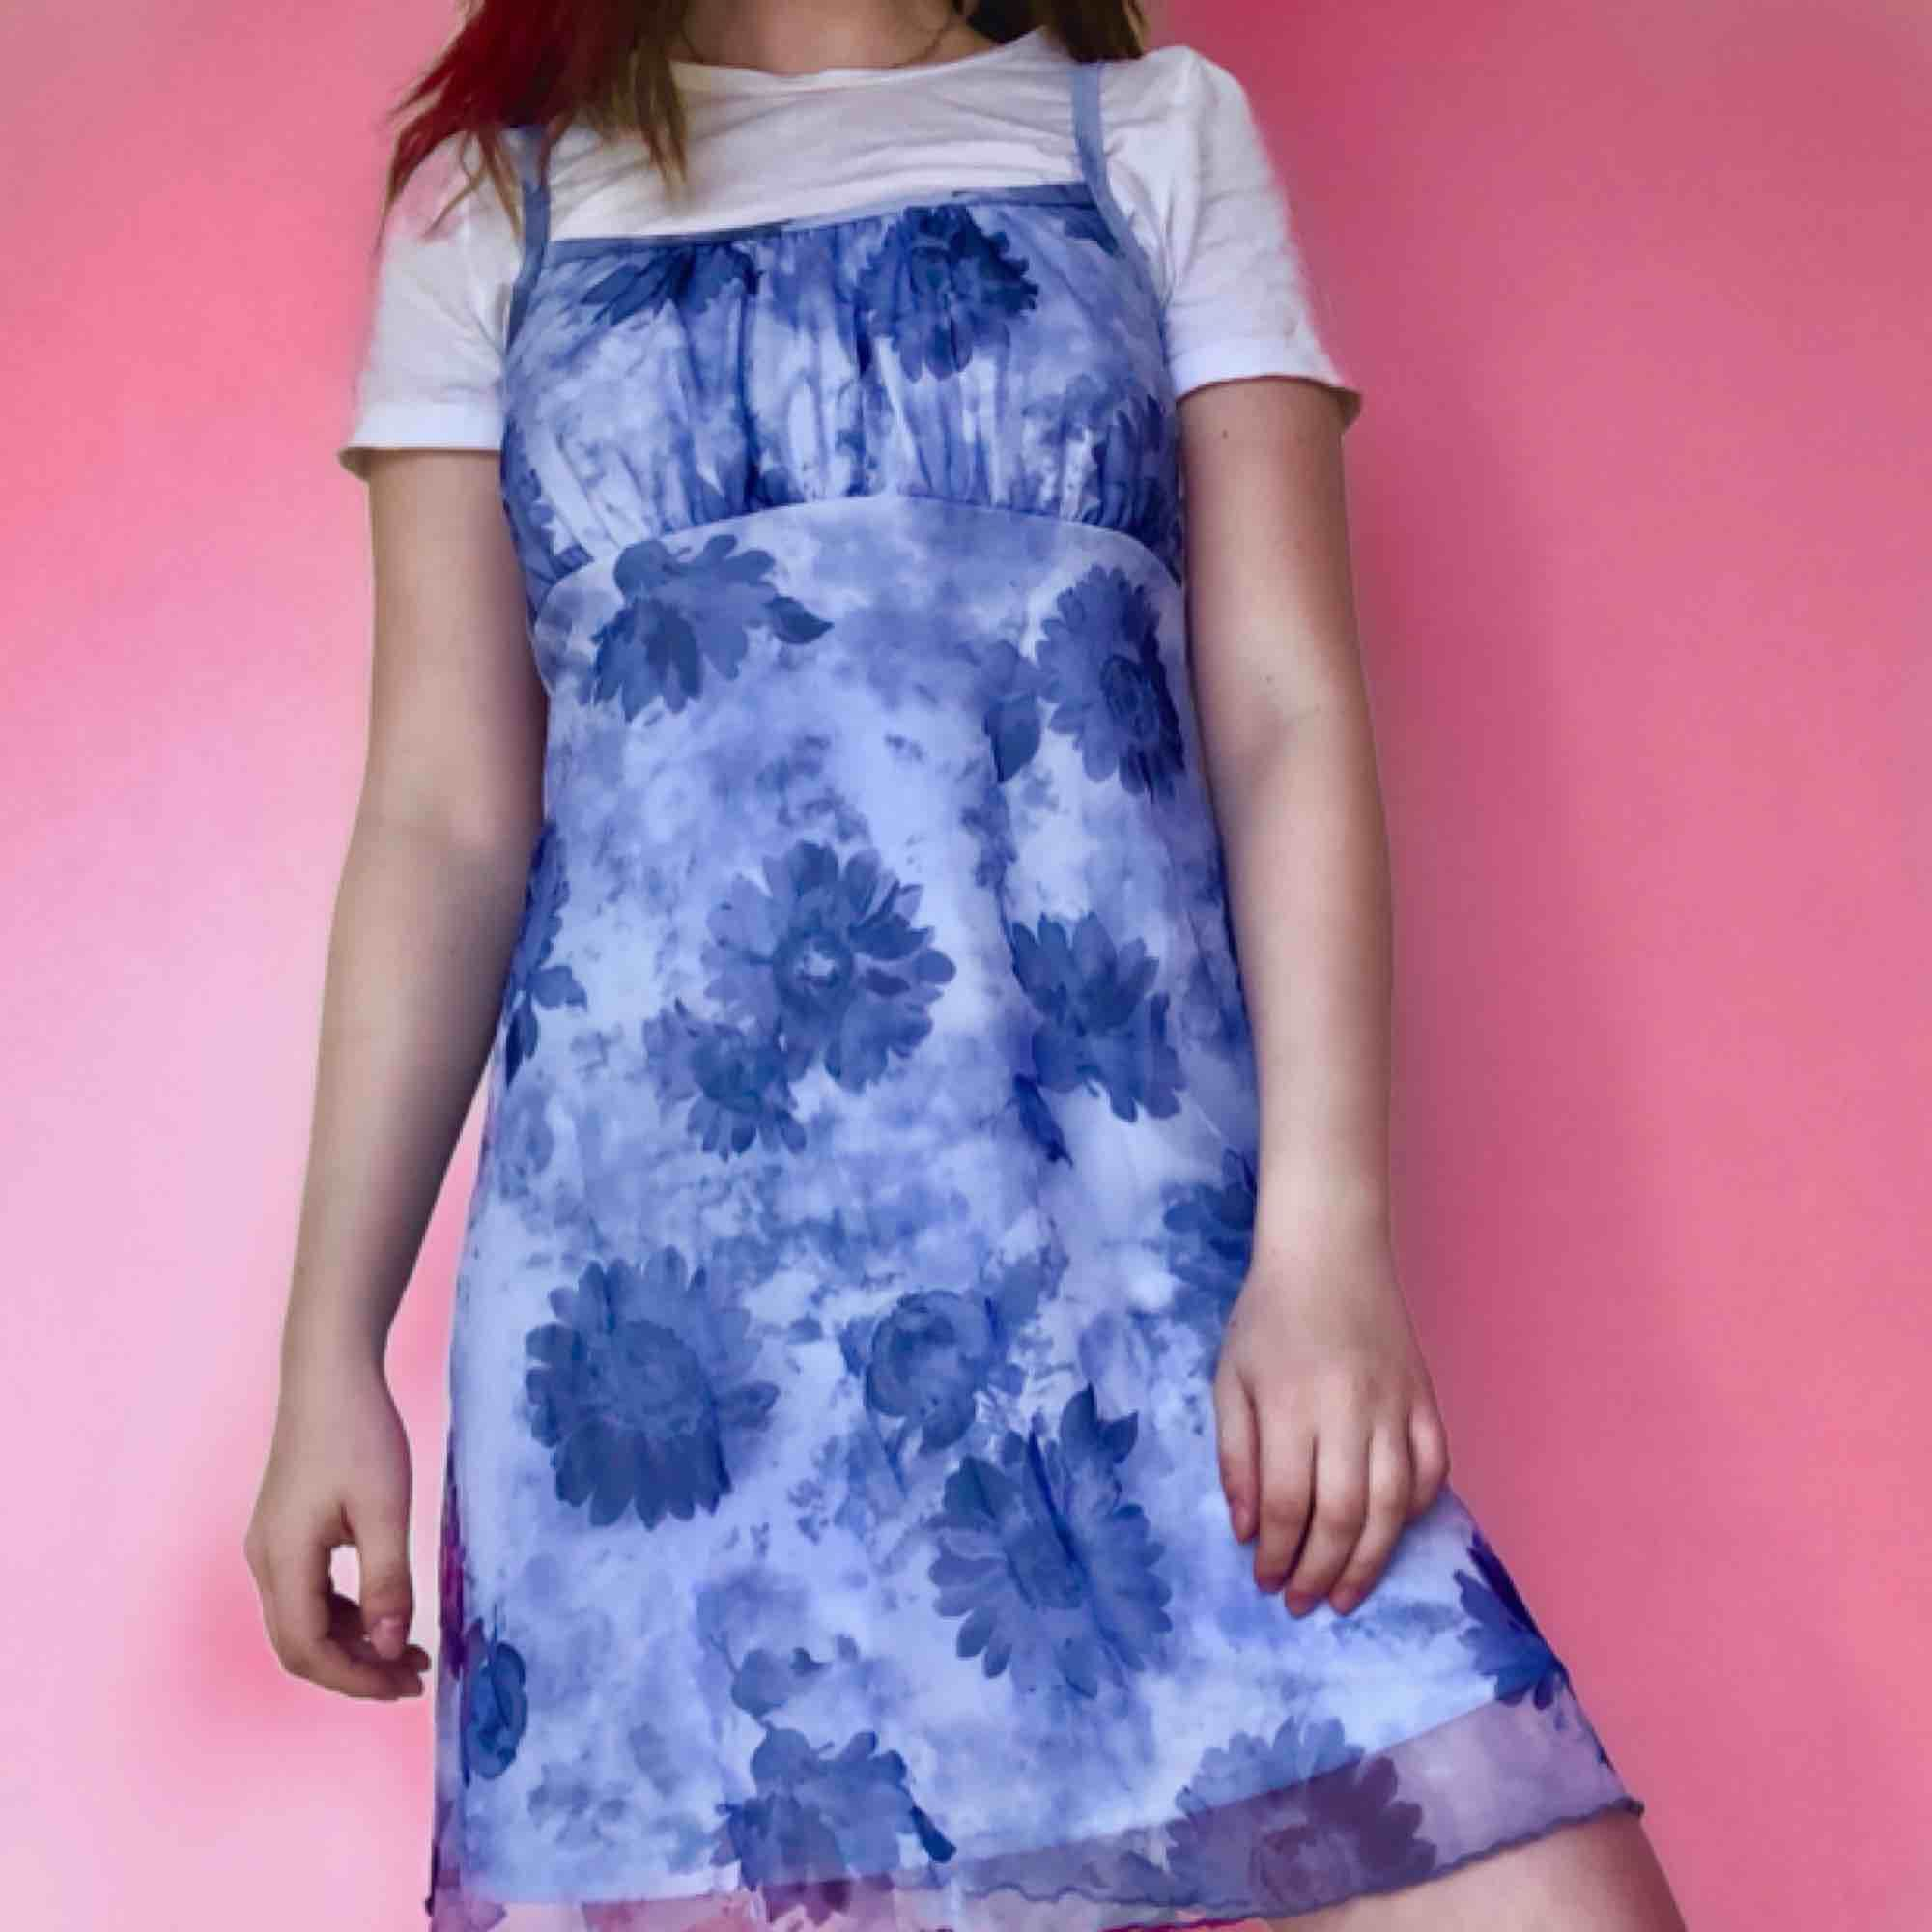 En blågrå klänning med blommor och moln! Har ett yttre tyg i mesh och en underklänning. Märkt som M men passar bäst på S. Fri frakt! 💞. Klänningar.